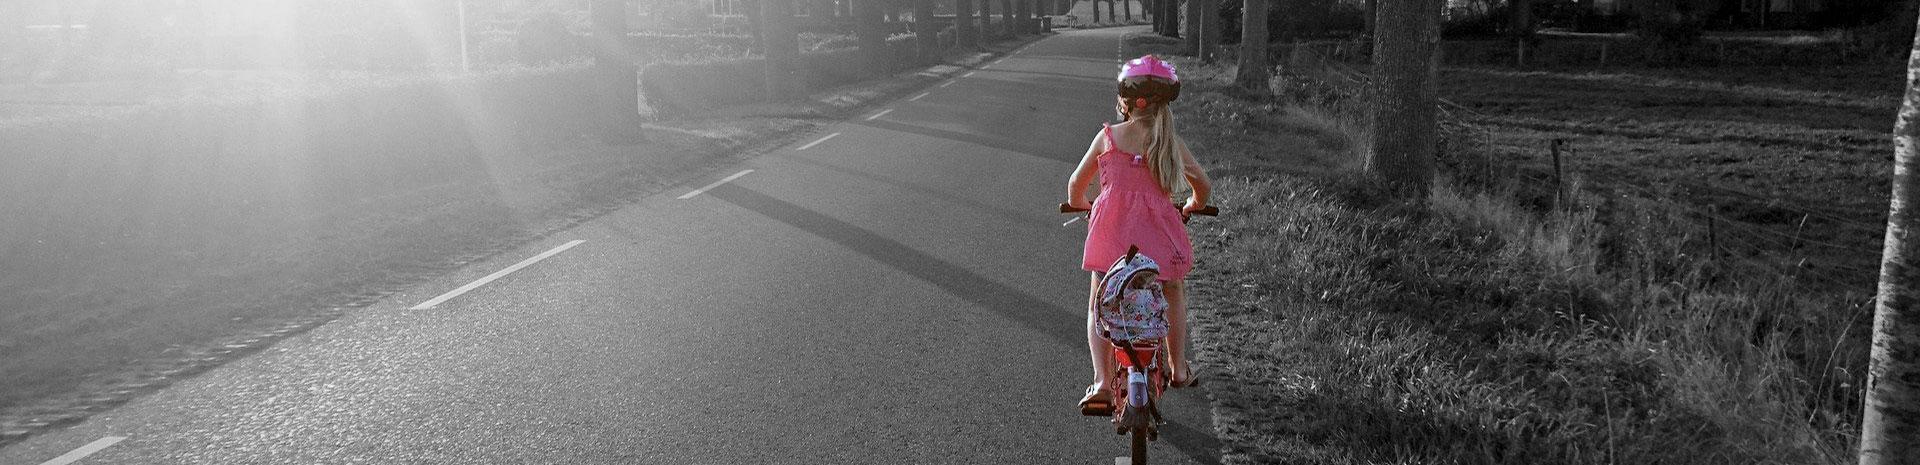 Aantal fietsongelukken onder kinderen moet dalen | Letselschadebureau LetselPro